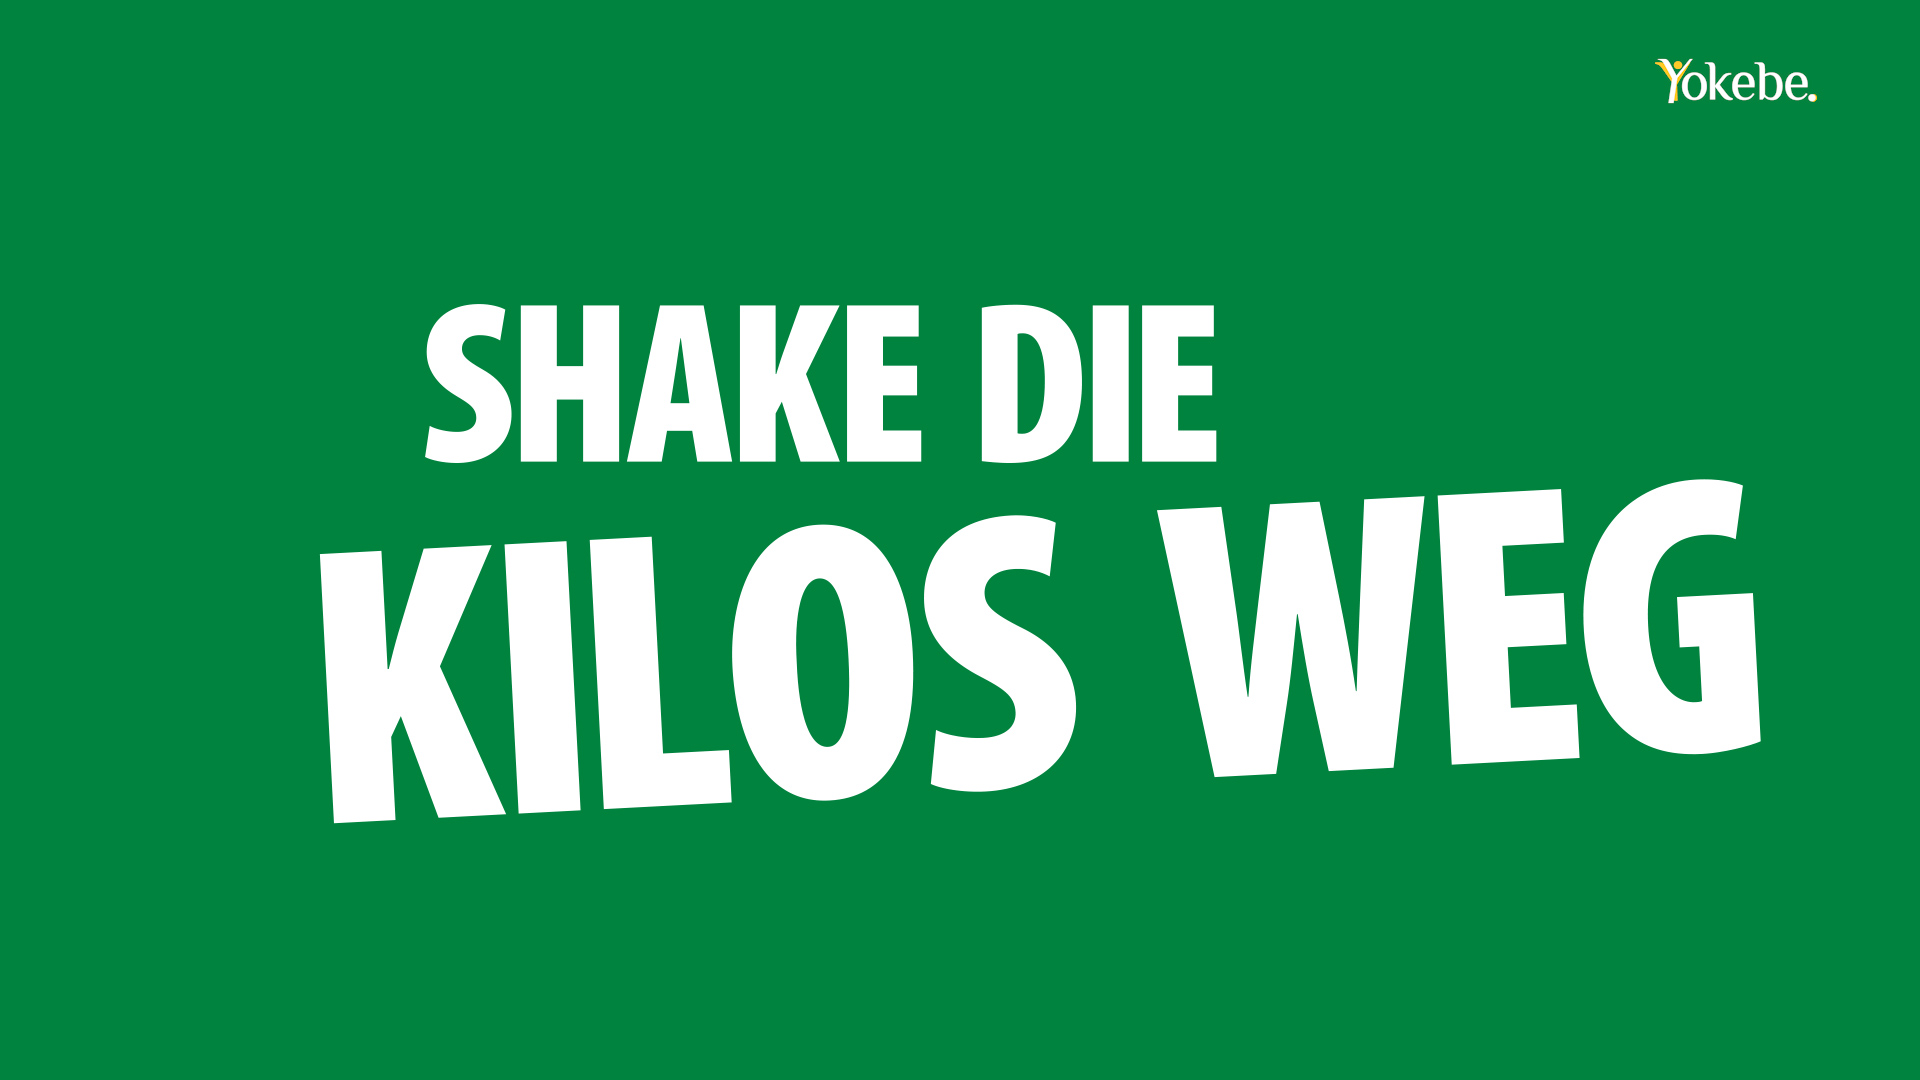 Shake die Kilos weg rough